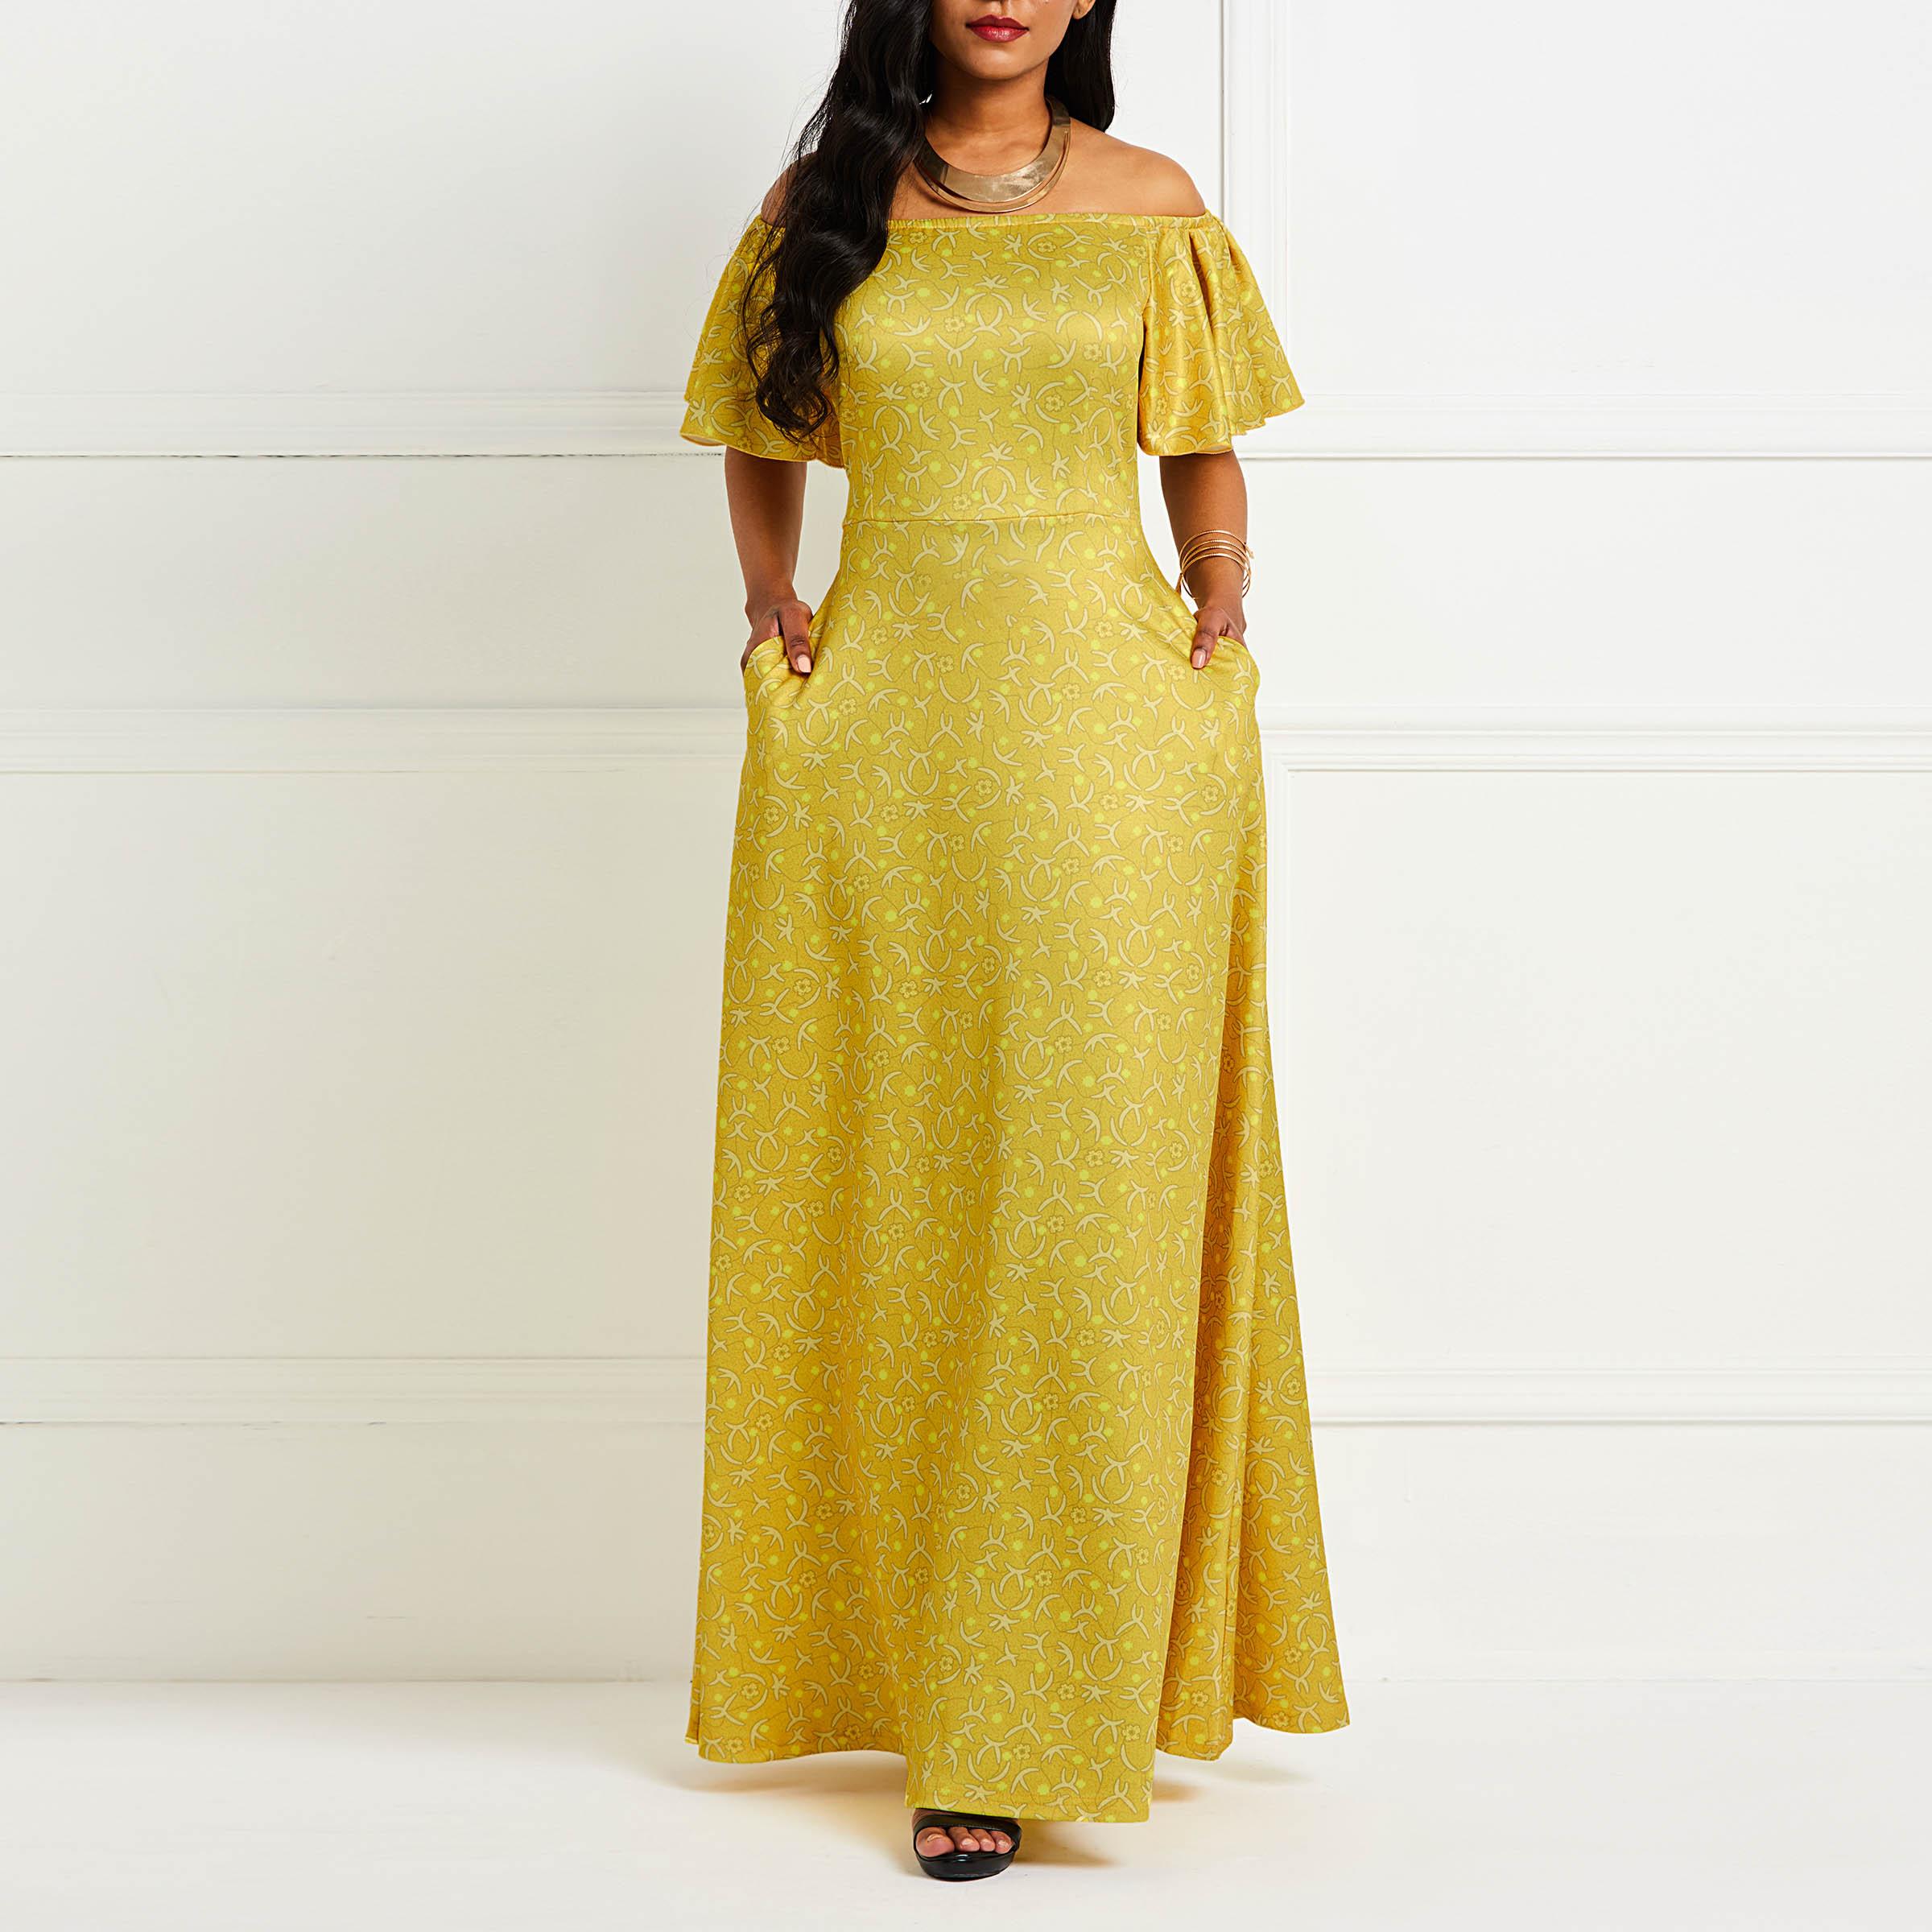 Сексуальный принт длинное платье Для женщин летнее платье с открытыми плечами, вечернее трапециевидной формы 2019 новые с желтыми оборками в...